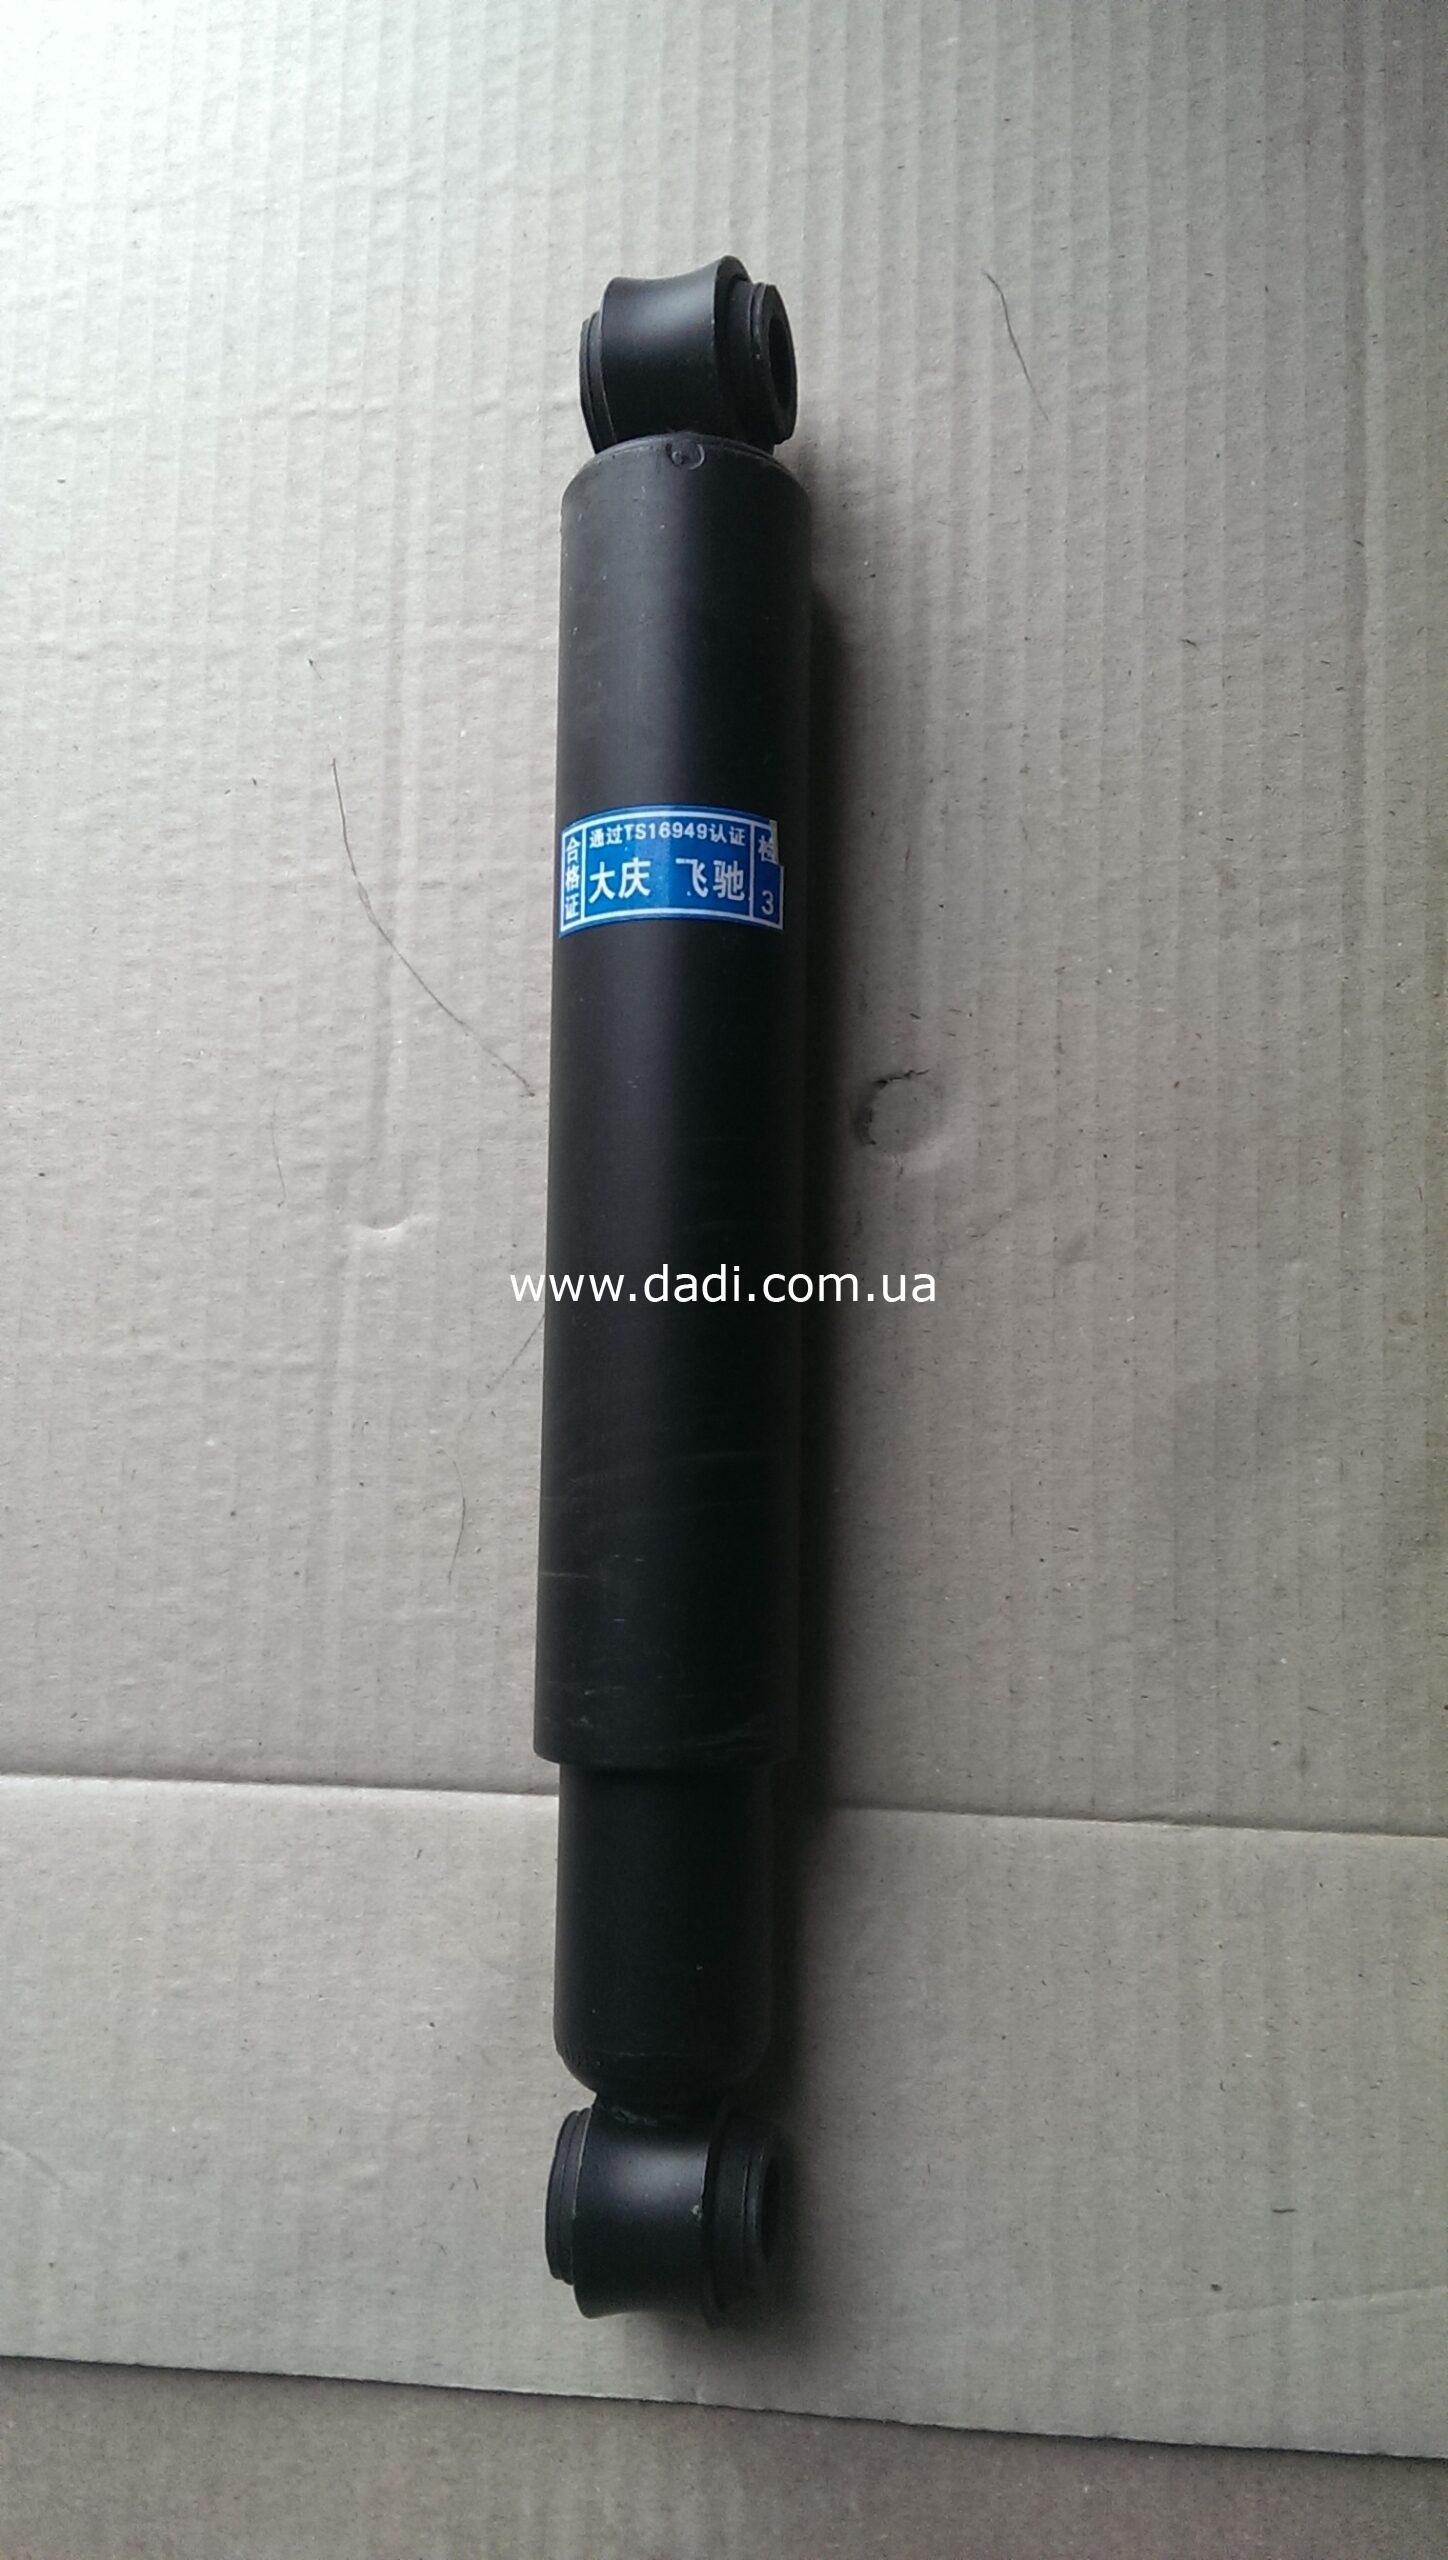 Амортизатор задній DADI/ амортизатор задний -0